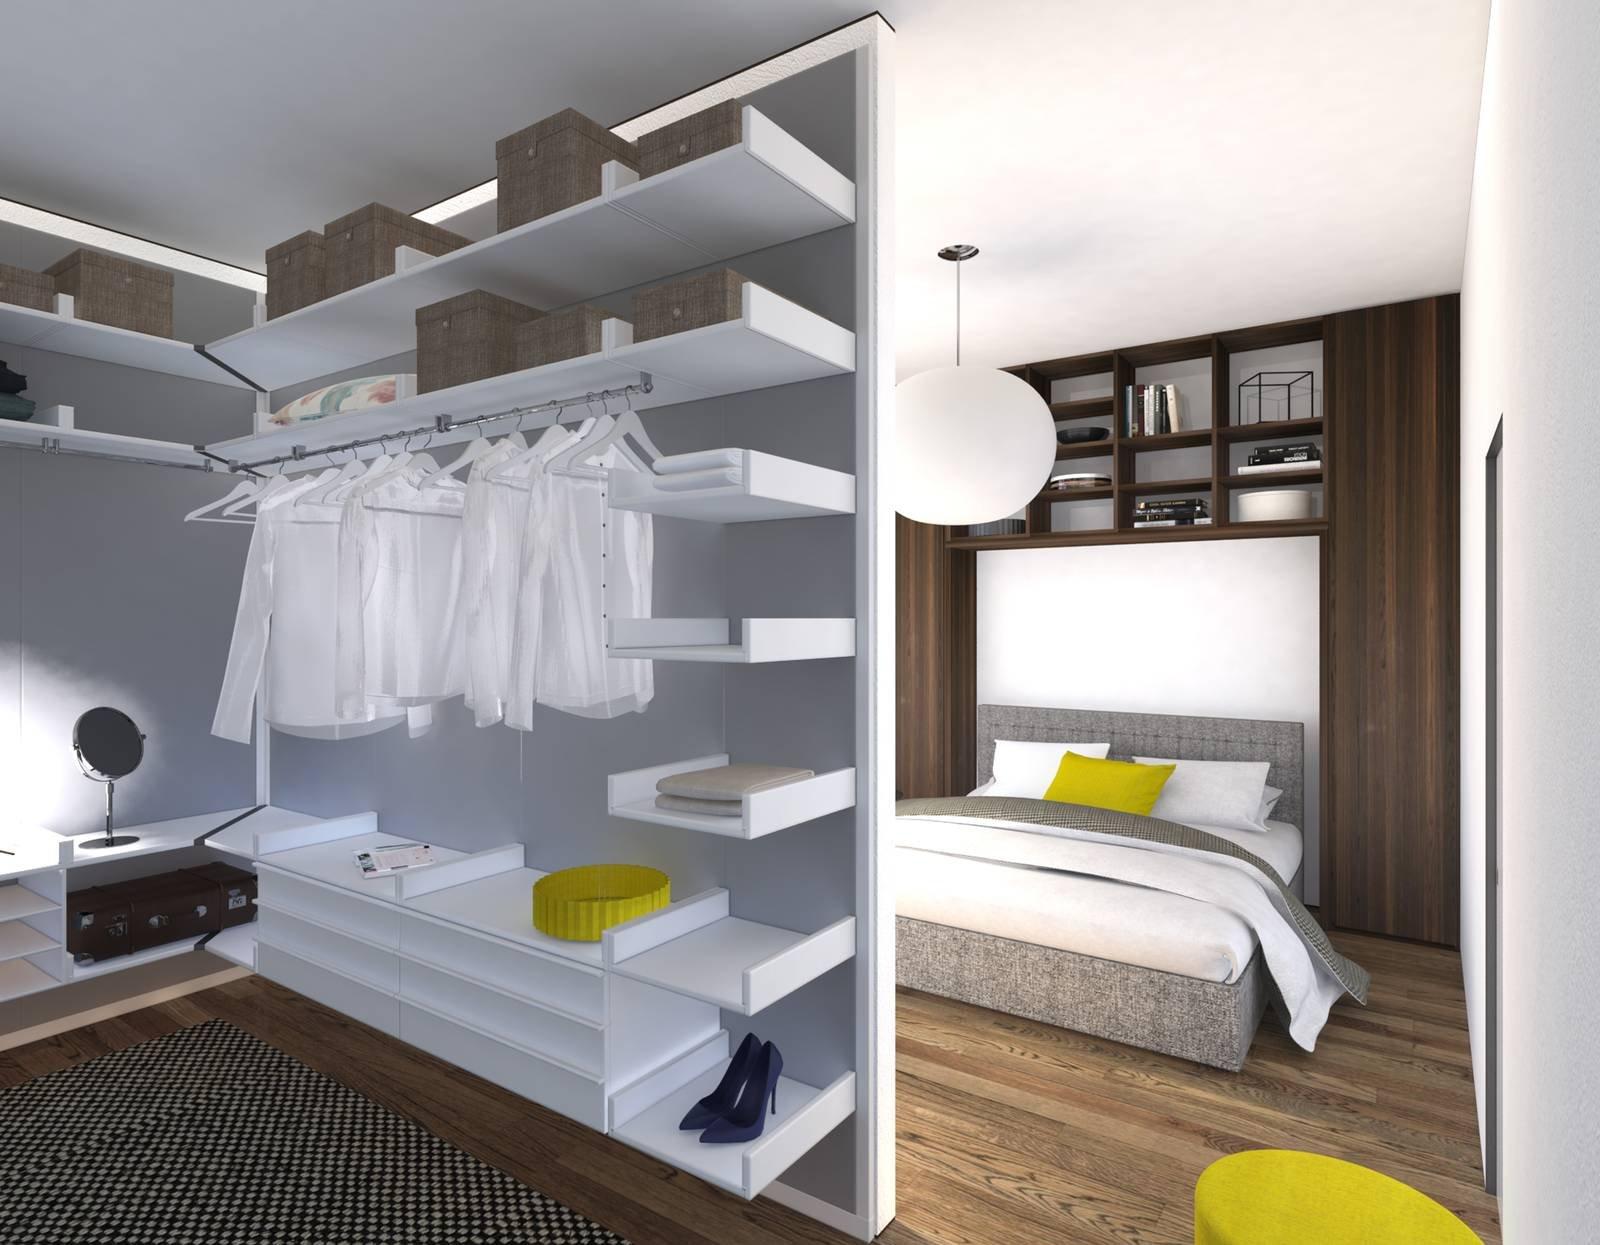 Progetti in 3d contenere al massimo con i sistemi per la zona giorno e la zona notte cose di casa - Progetti cabine armadio ...